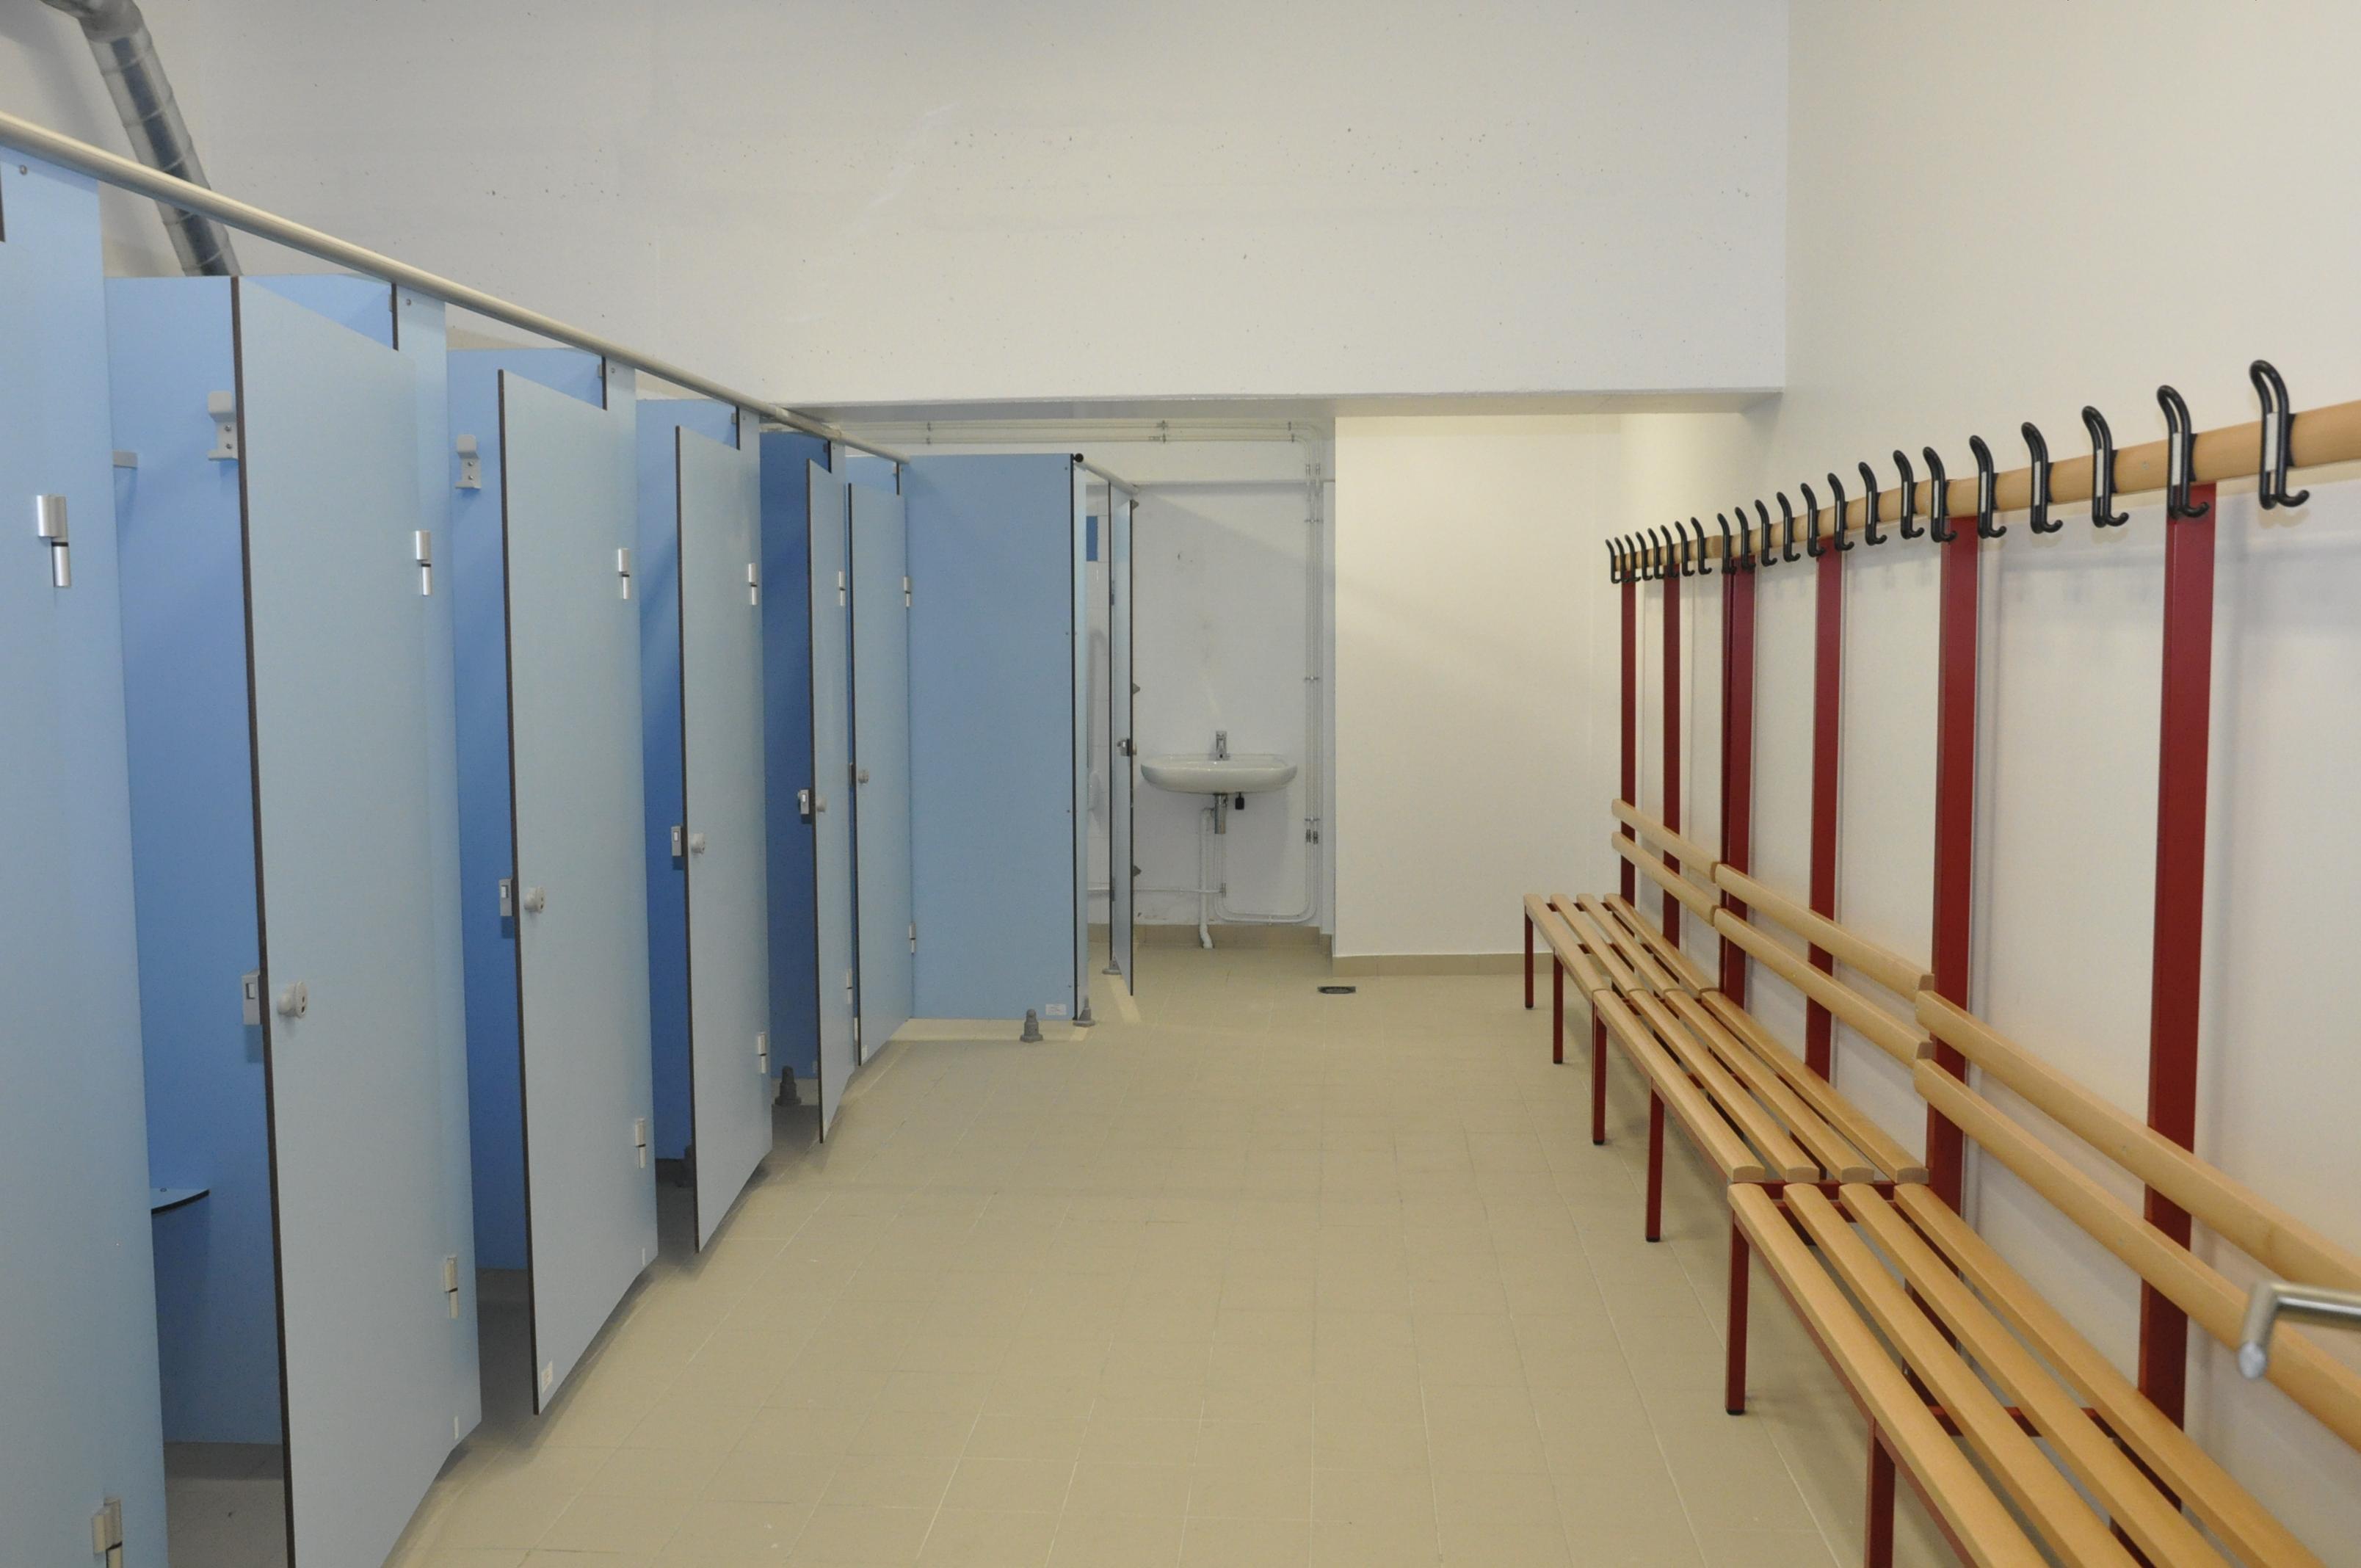 ouverture de la nouvelle salle des sports universit paris 8. Black Bedroom Furniture Sets. Home Design Ideas